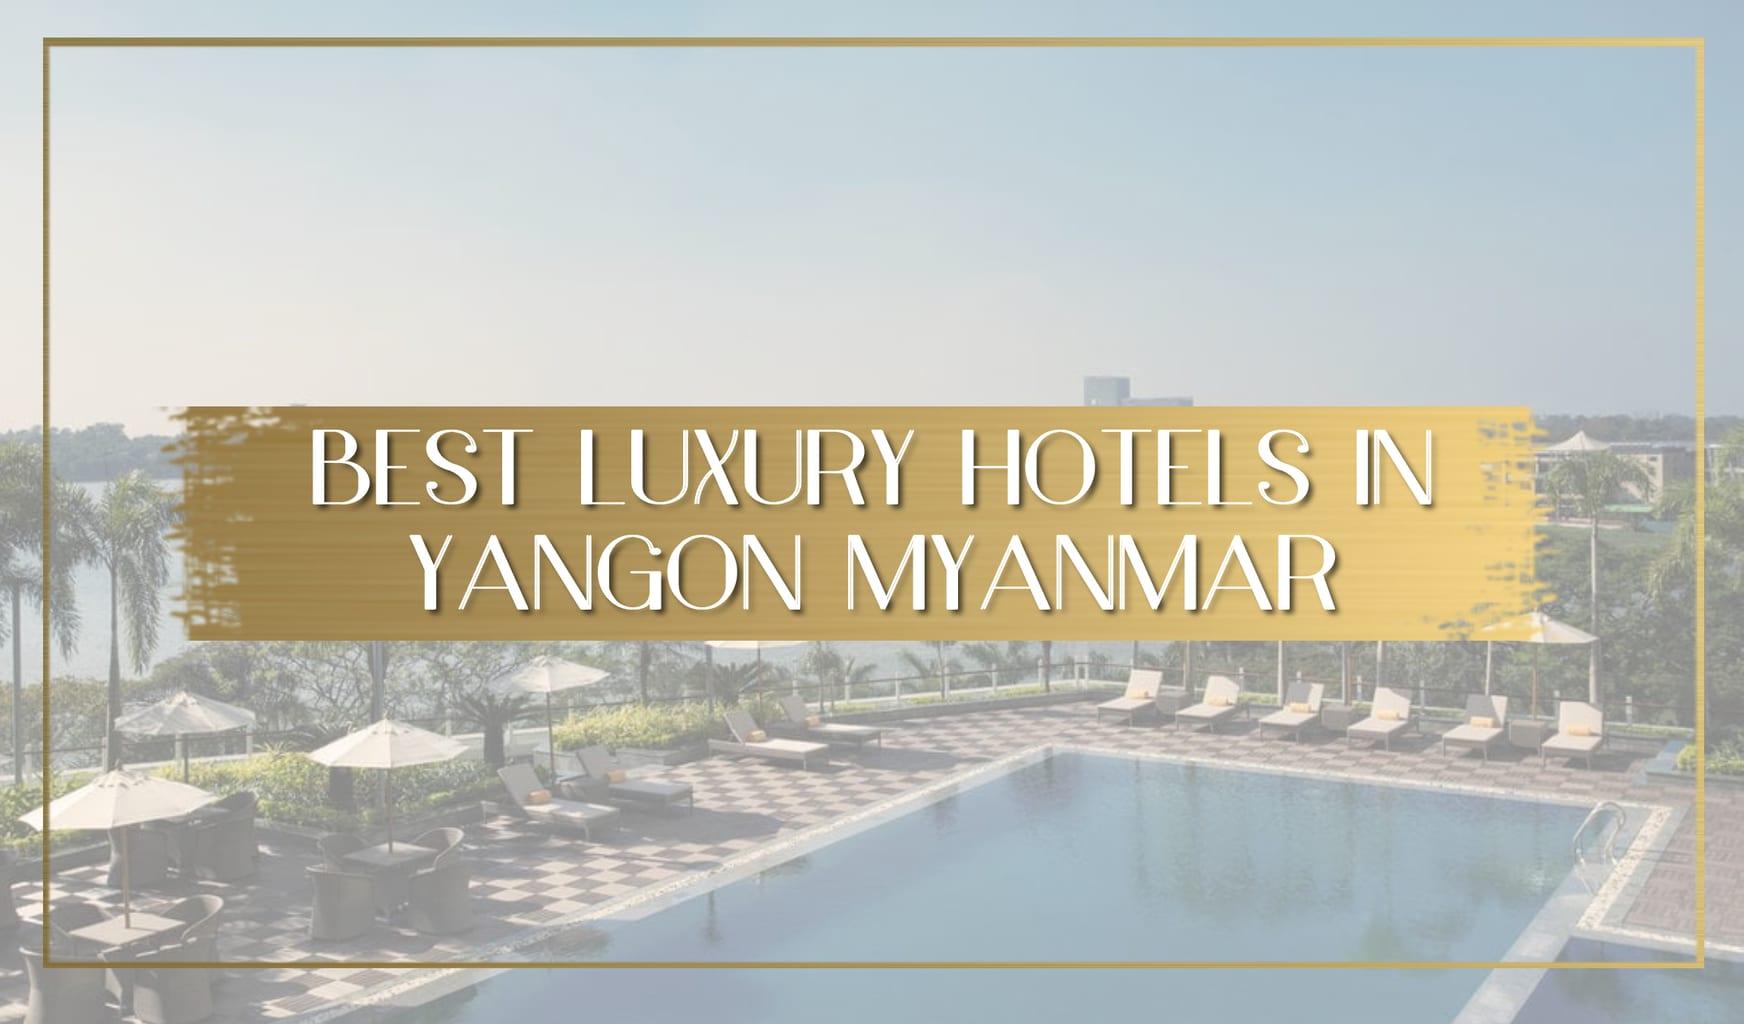 Best luxury hotels in Yangon Myanmar main